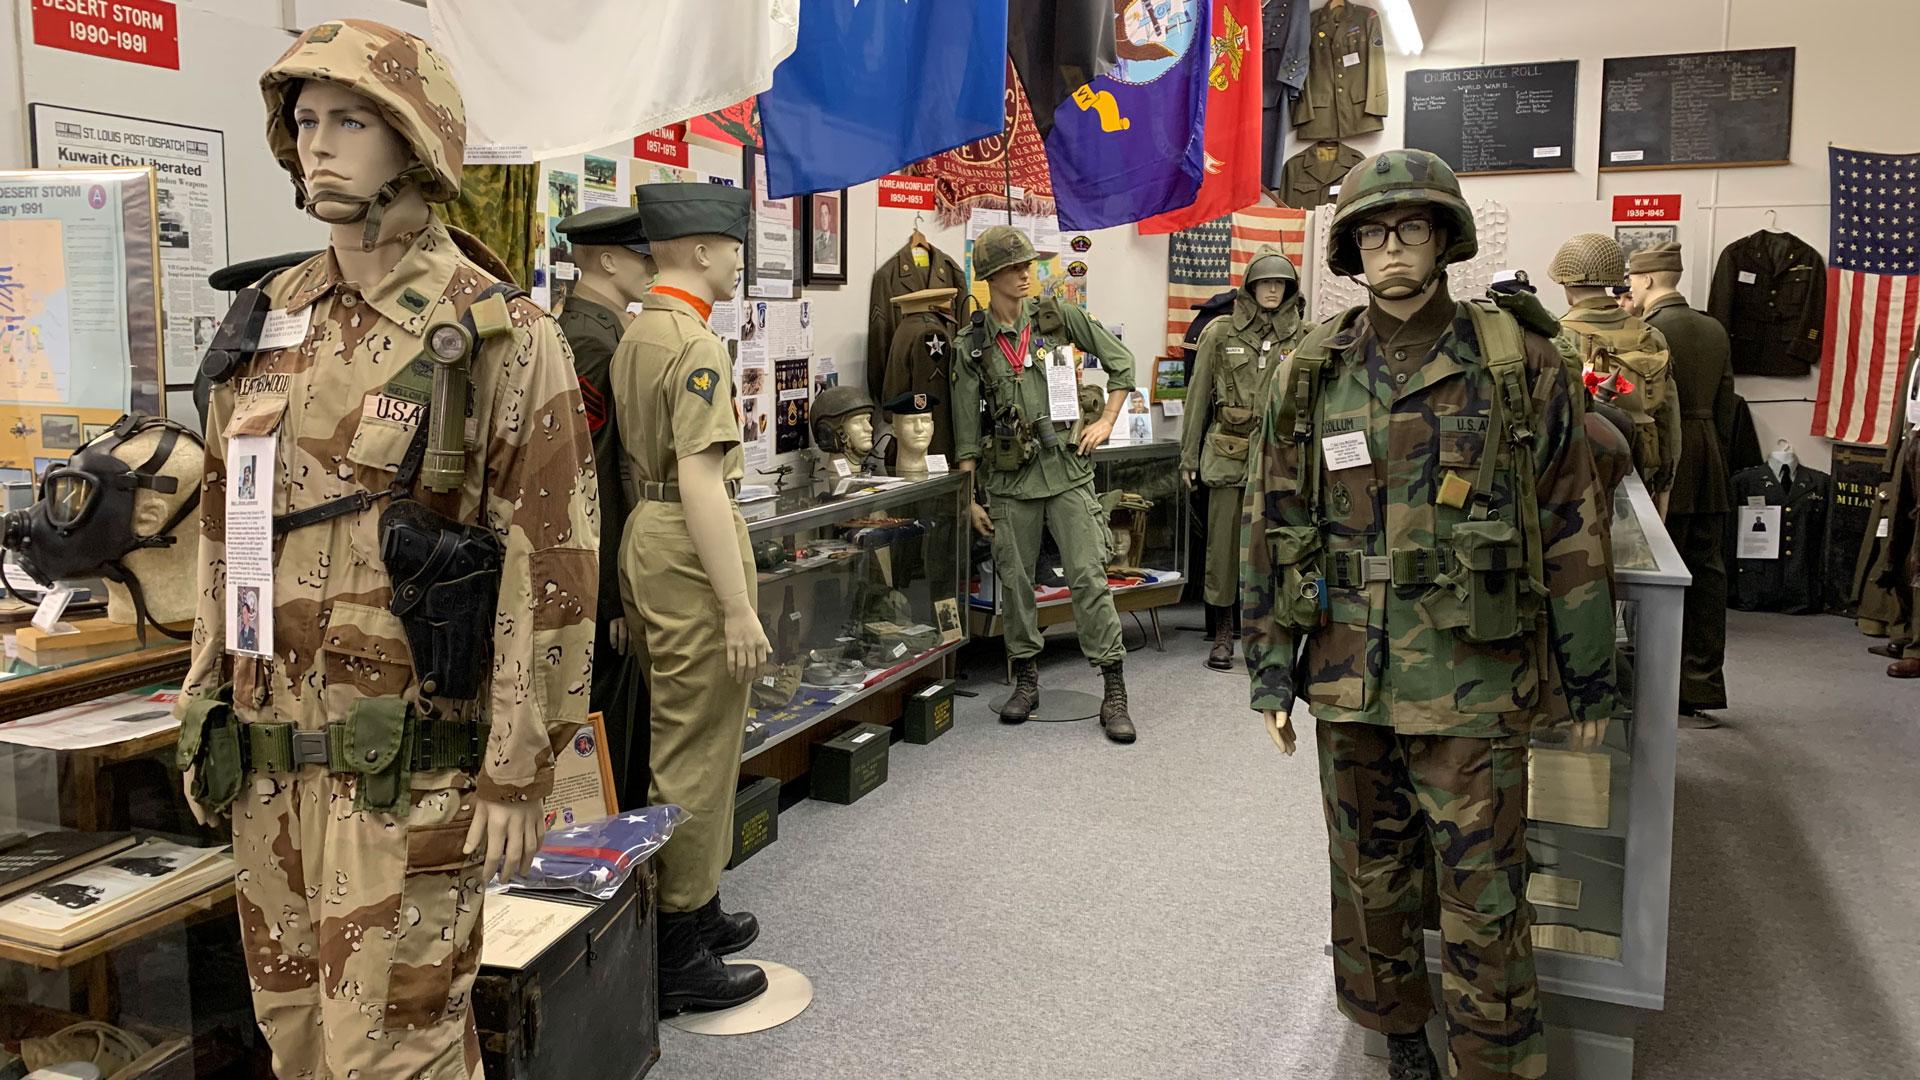 Veterans Room